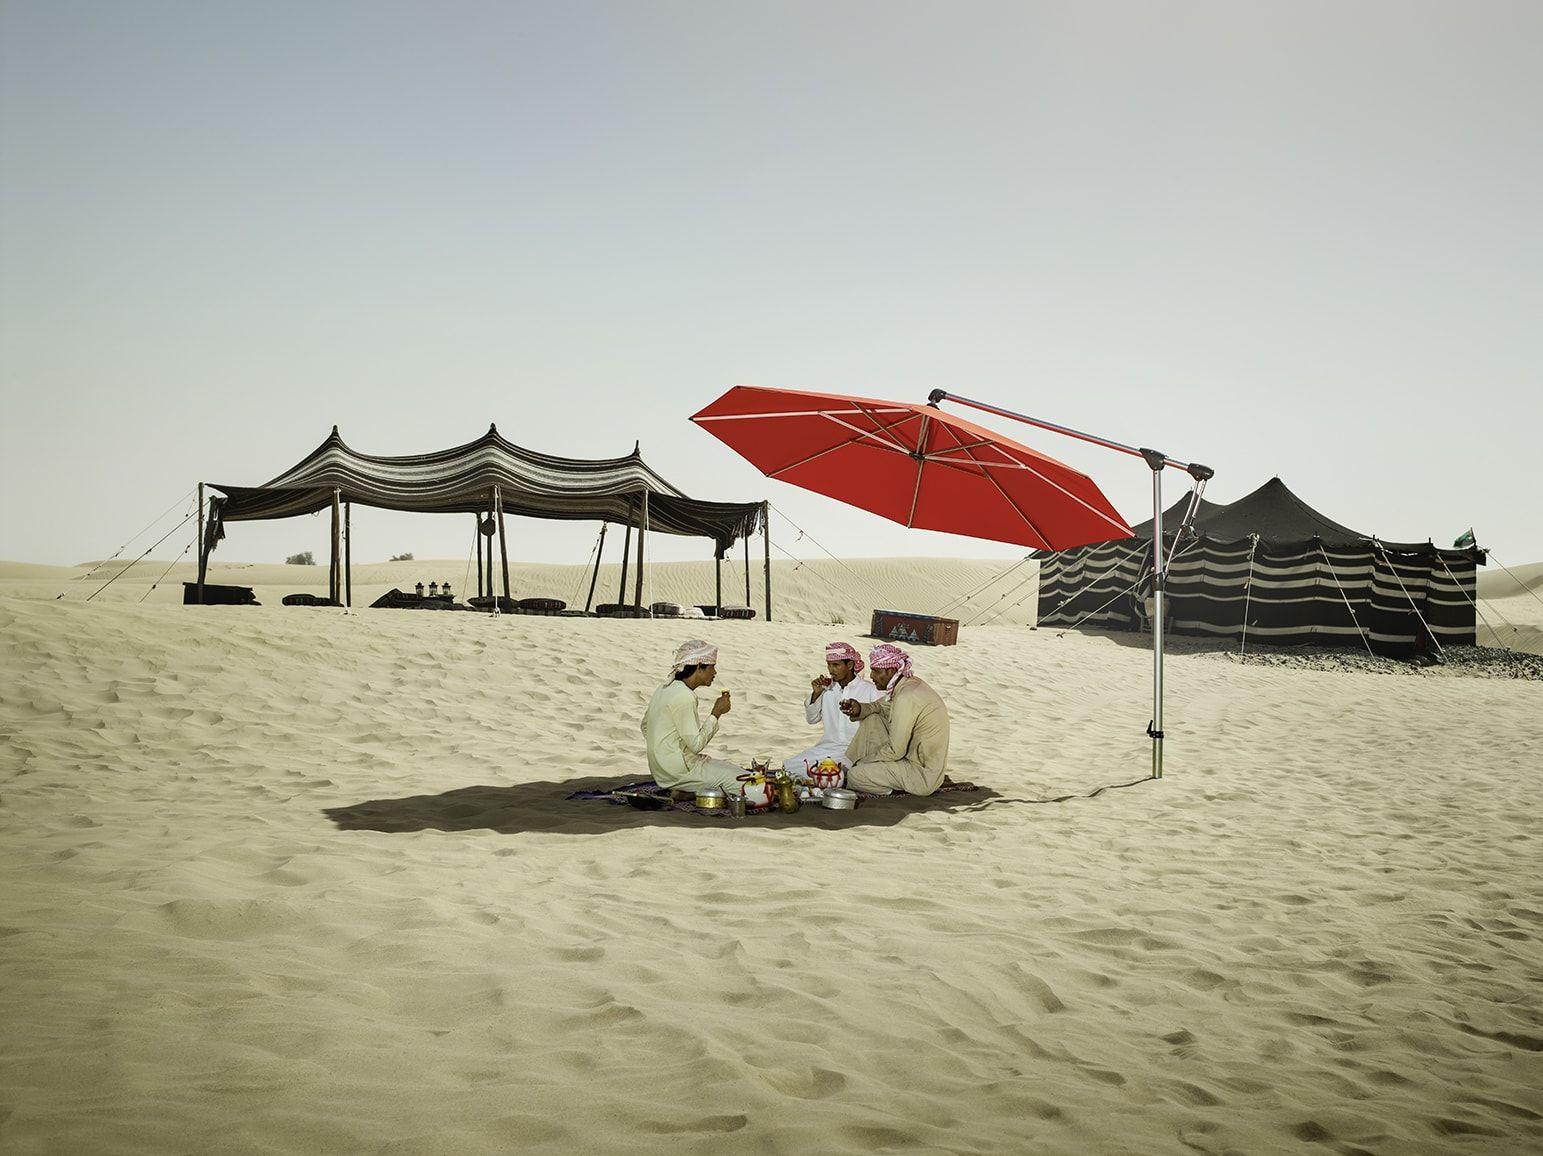 Glatz Ampelschirm Sunwing C Der Ampelschirm Glatz Sunwing C Ist Ein Schattenspender In Einem Modernen Design Der Freiarmsc Ampelschirm Schirm Sonnenschirm